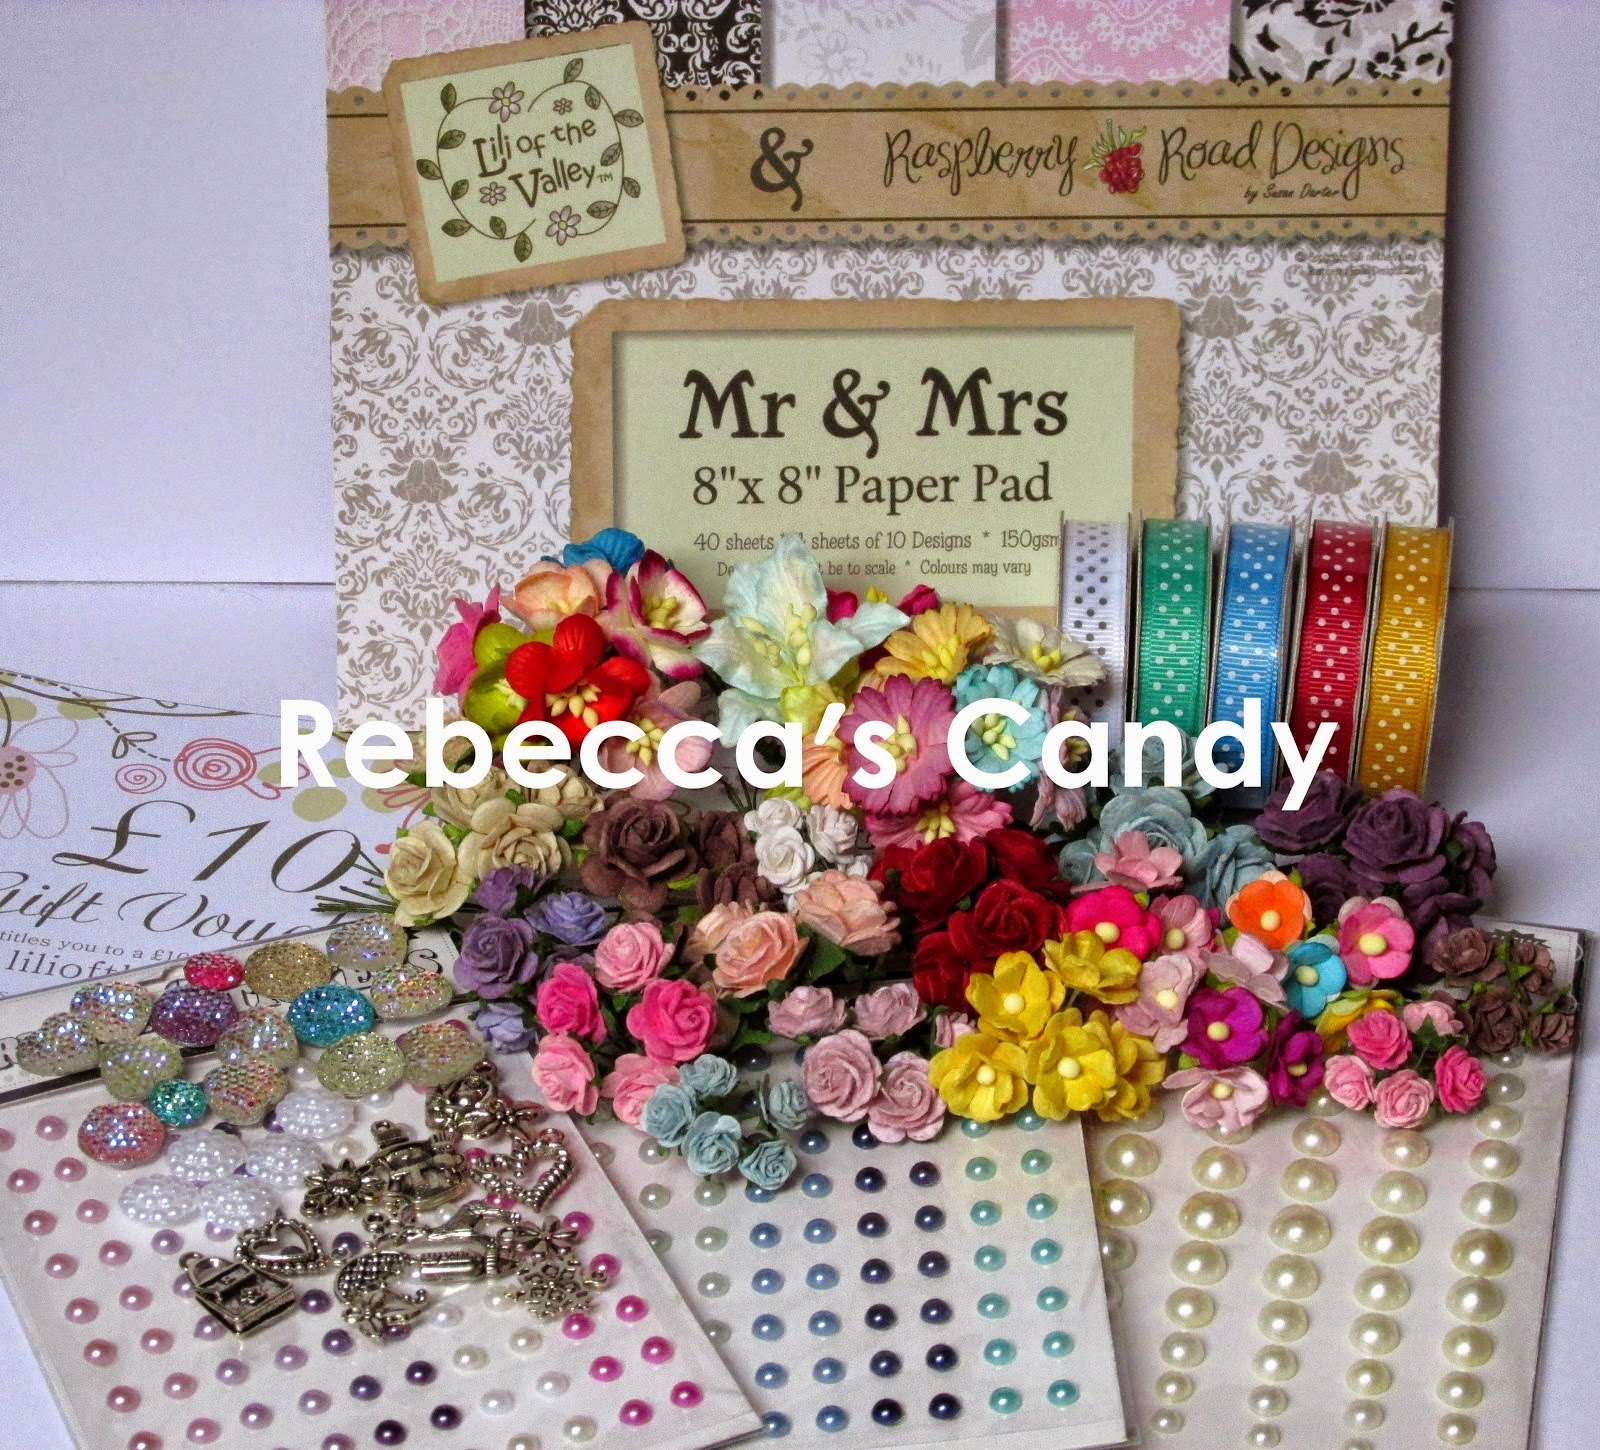 Rebecca's Candy